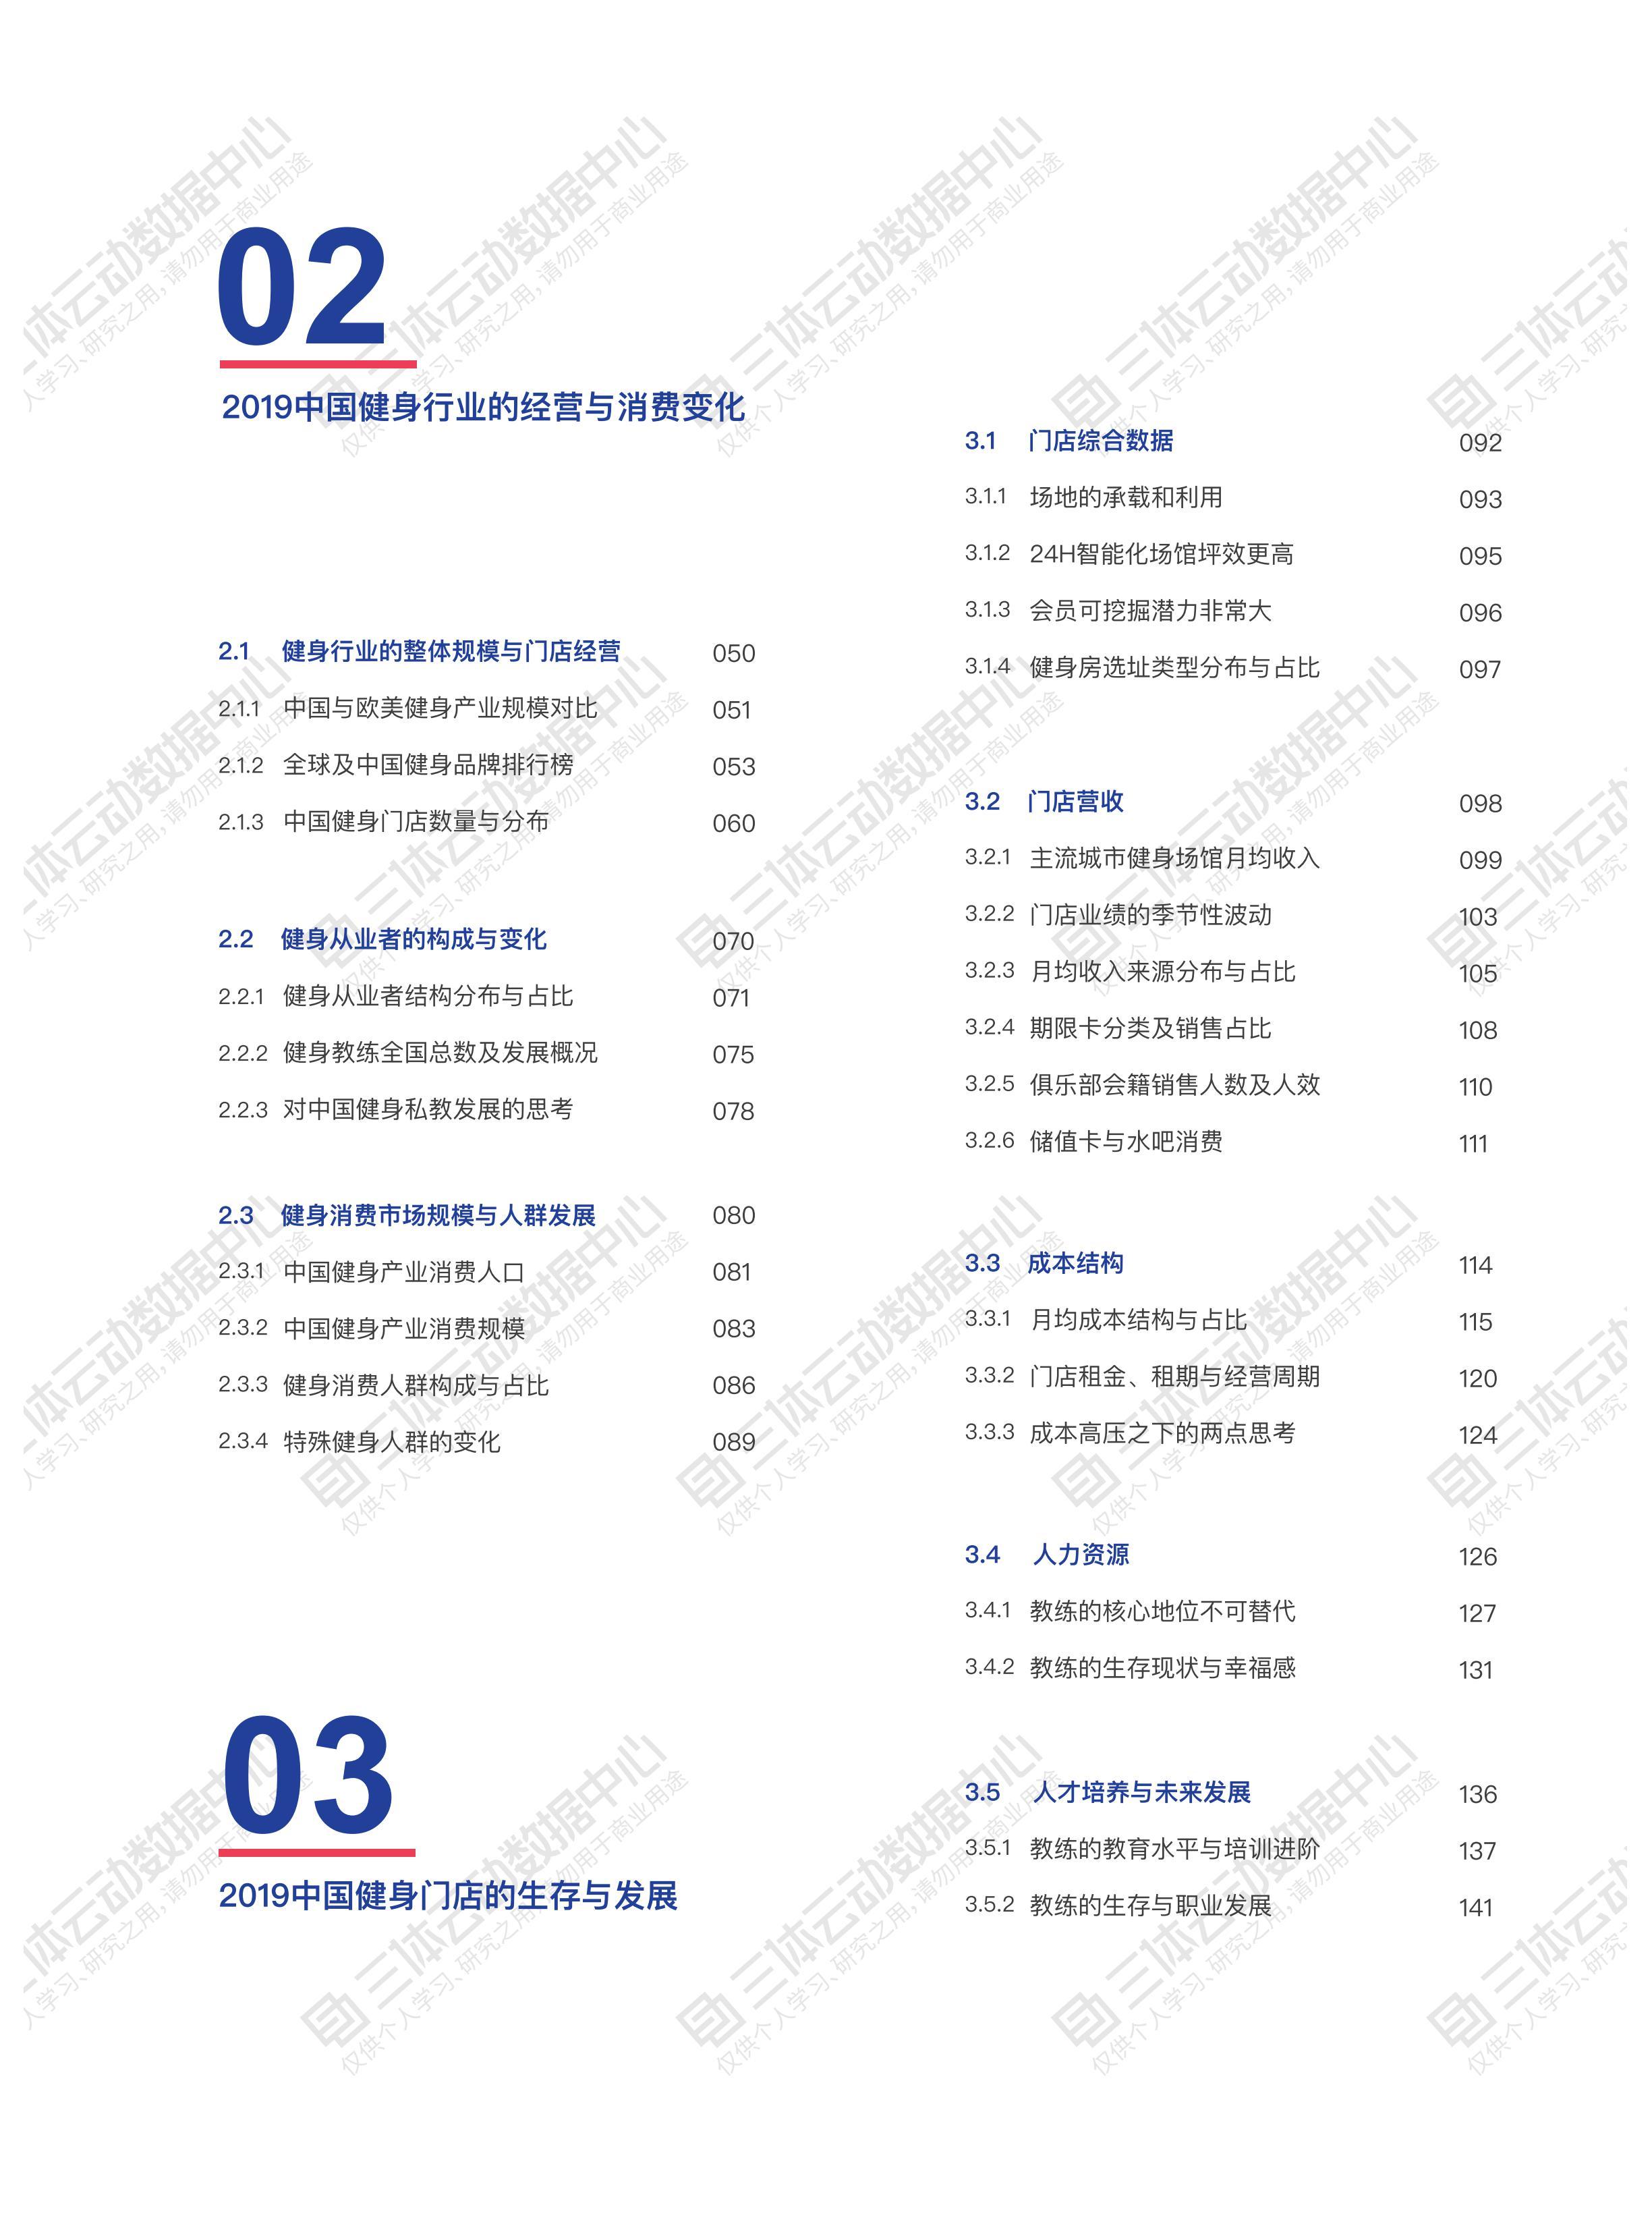 2019健身行业数据报告:序言&目录插图(11)